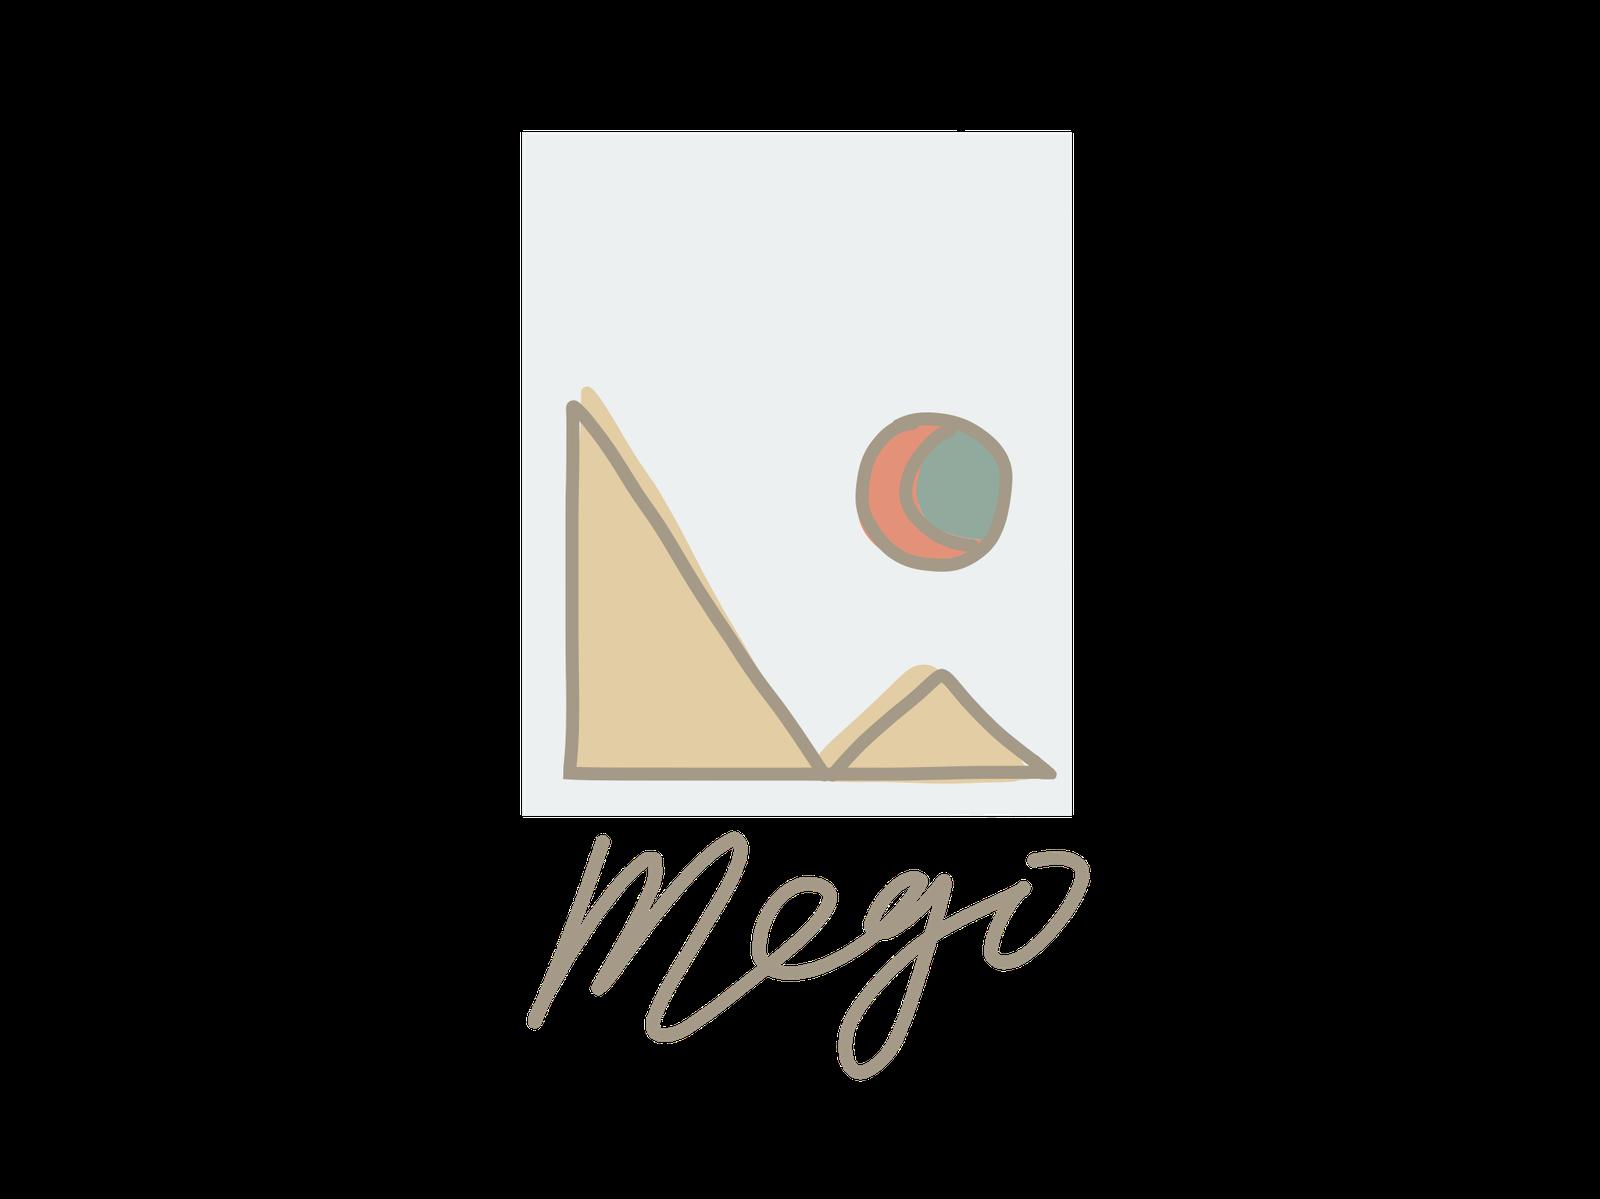 Mego Workshop